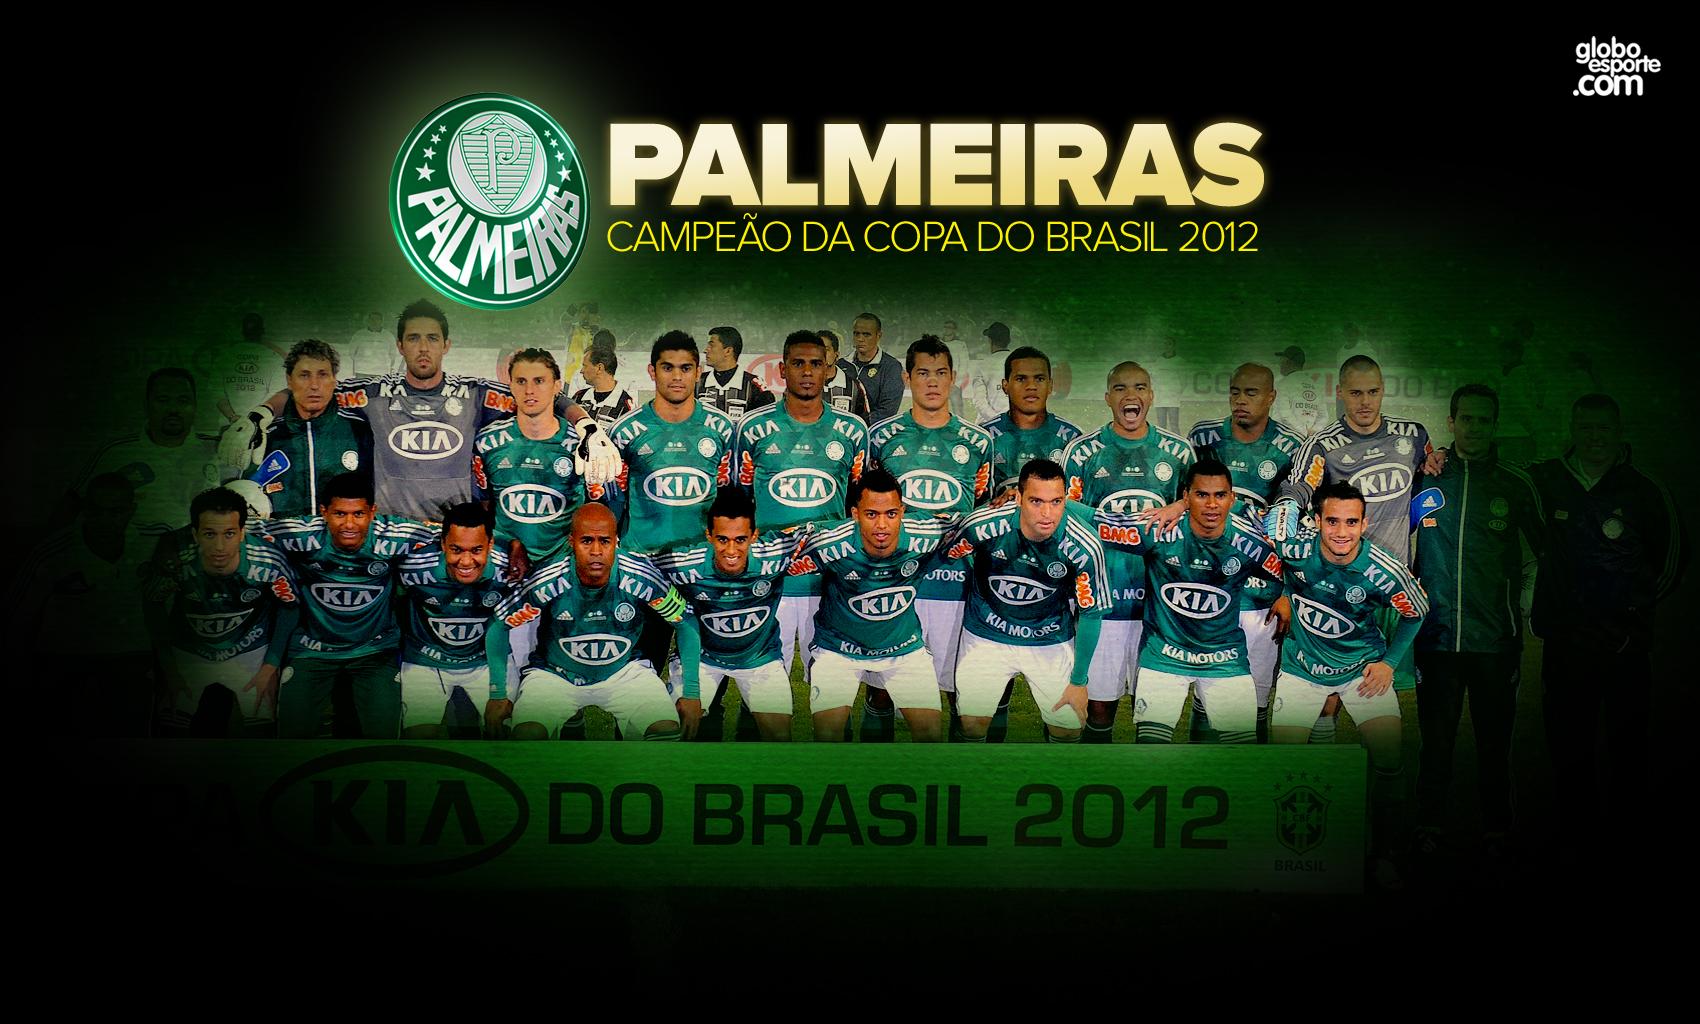 Wallpaper: Palmeiras Campeão da Copa do Brasil 2012 - 08